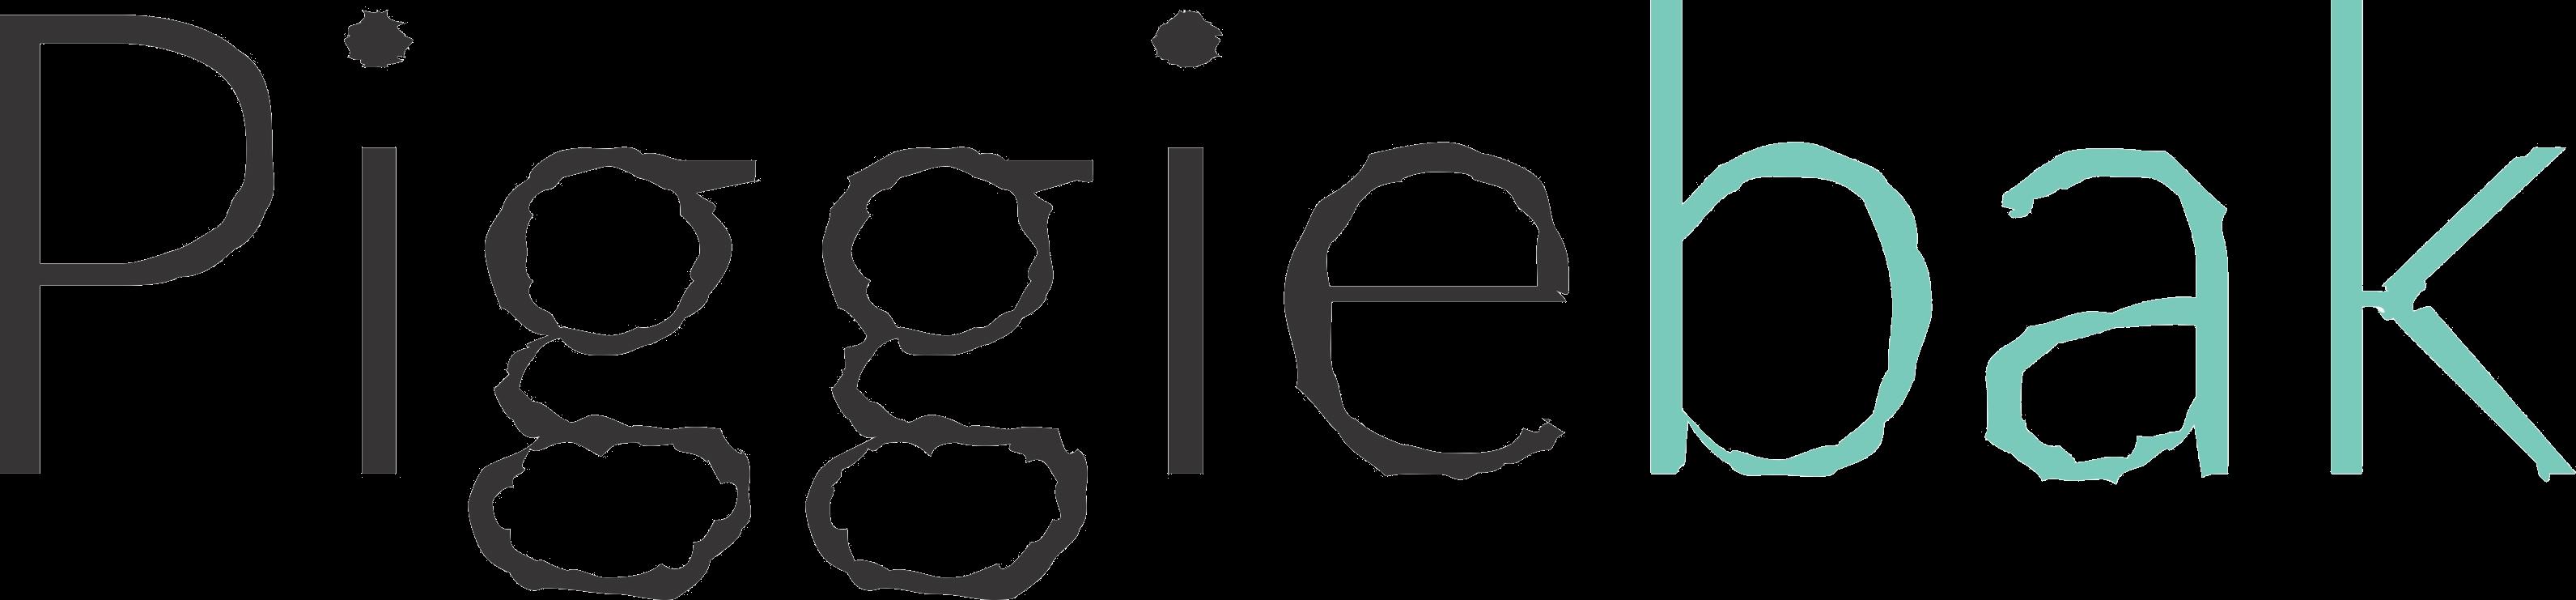 logo-NEEDED